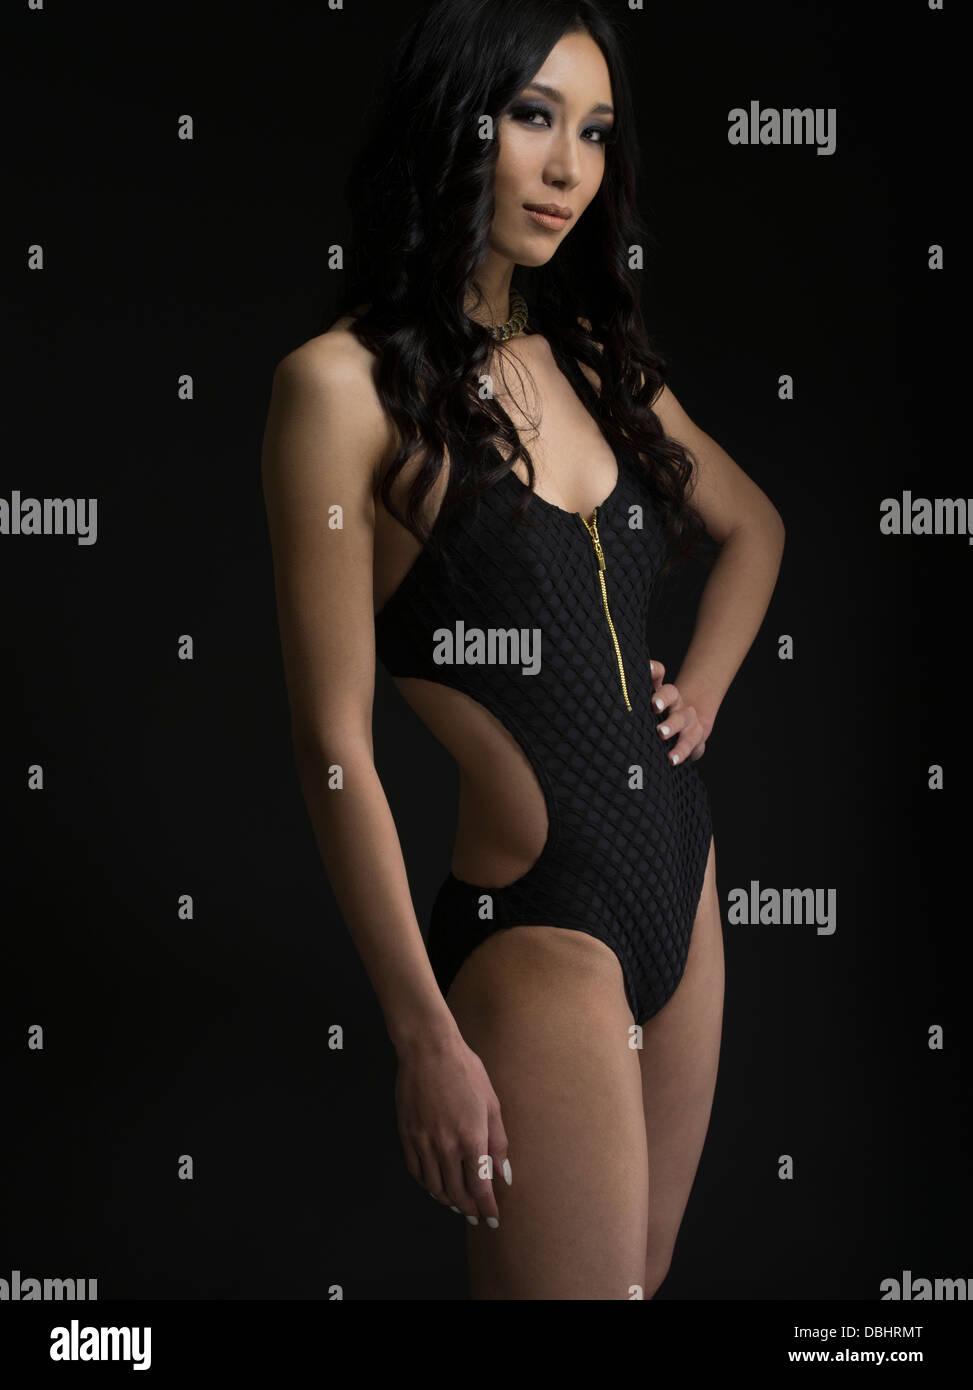 Belle femme asiatique d'une vingtaine d'en porter un morceau de maillot Banque D'Images